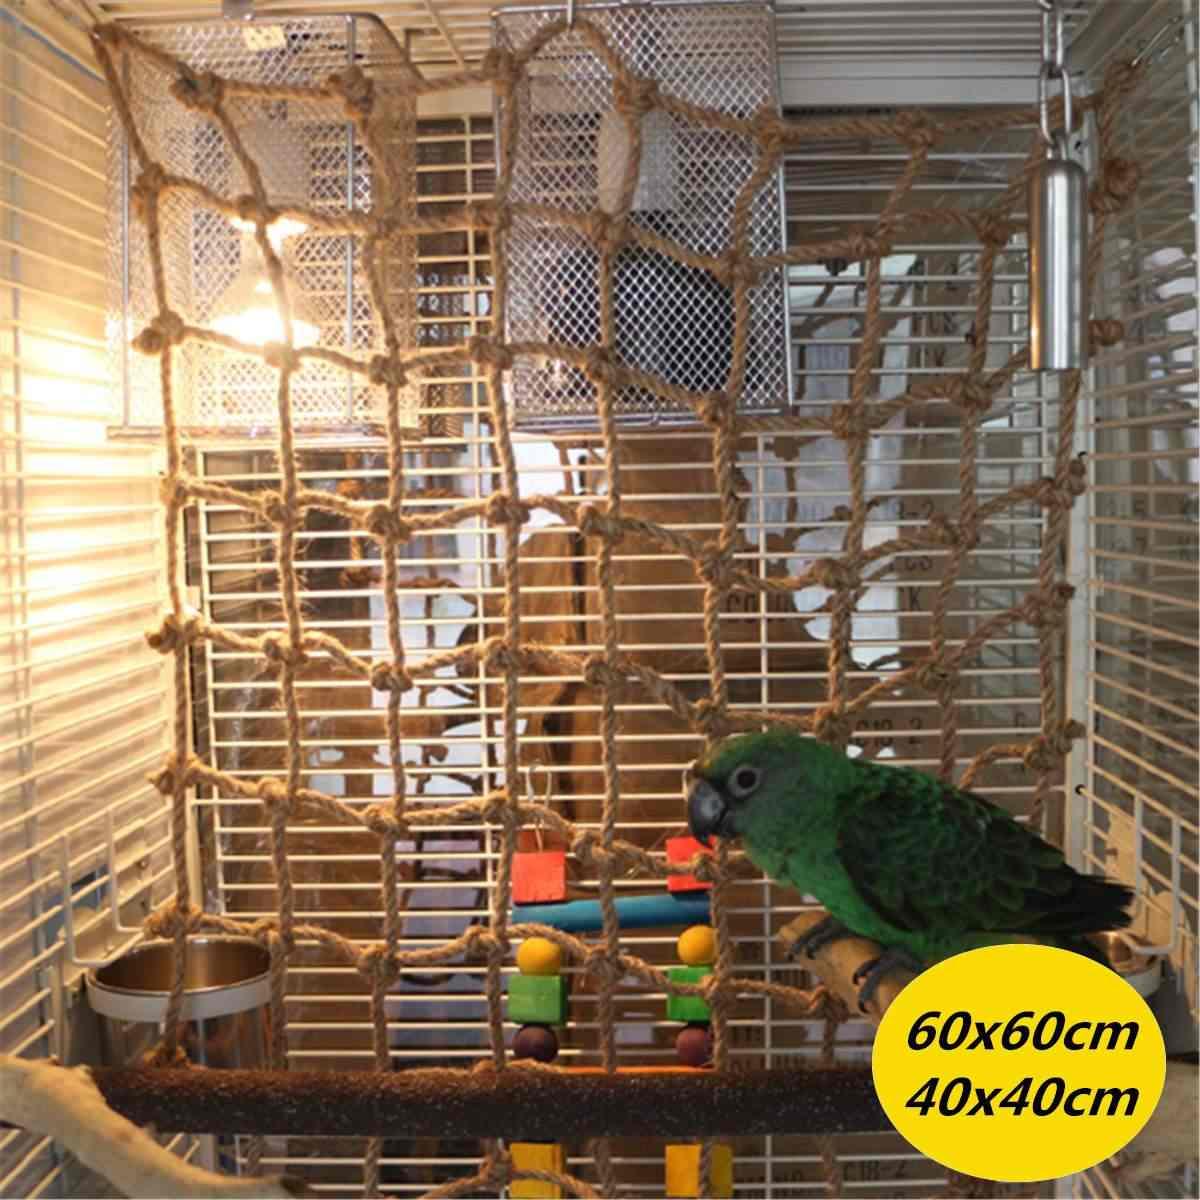 60/40 см для лазанья, для попугаев Чистая Птица веревочная лестница конопли Веревочный Гамак подвесная клетка толстые игрушки-Жвачки для домашних животных шлифовальная ветка для попугаев играть восхождение